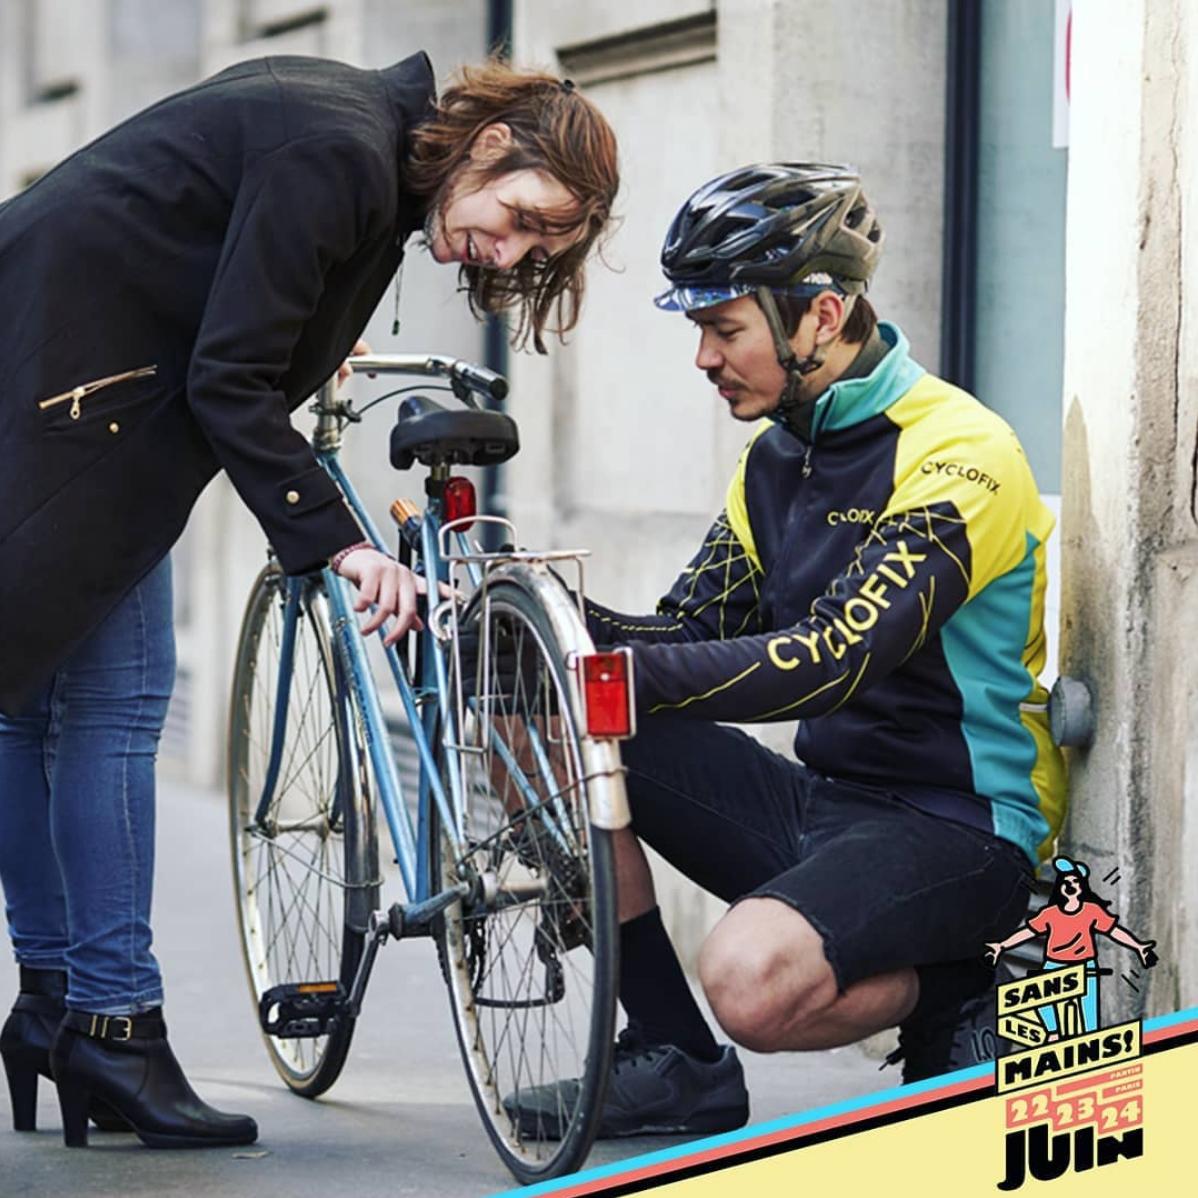 Sans Les Mains Velo photos instagram3 - Sans les Mains, un nouvel événement qui parle aux cyclistes urbains !